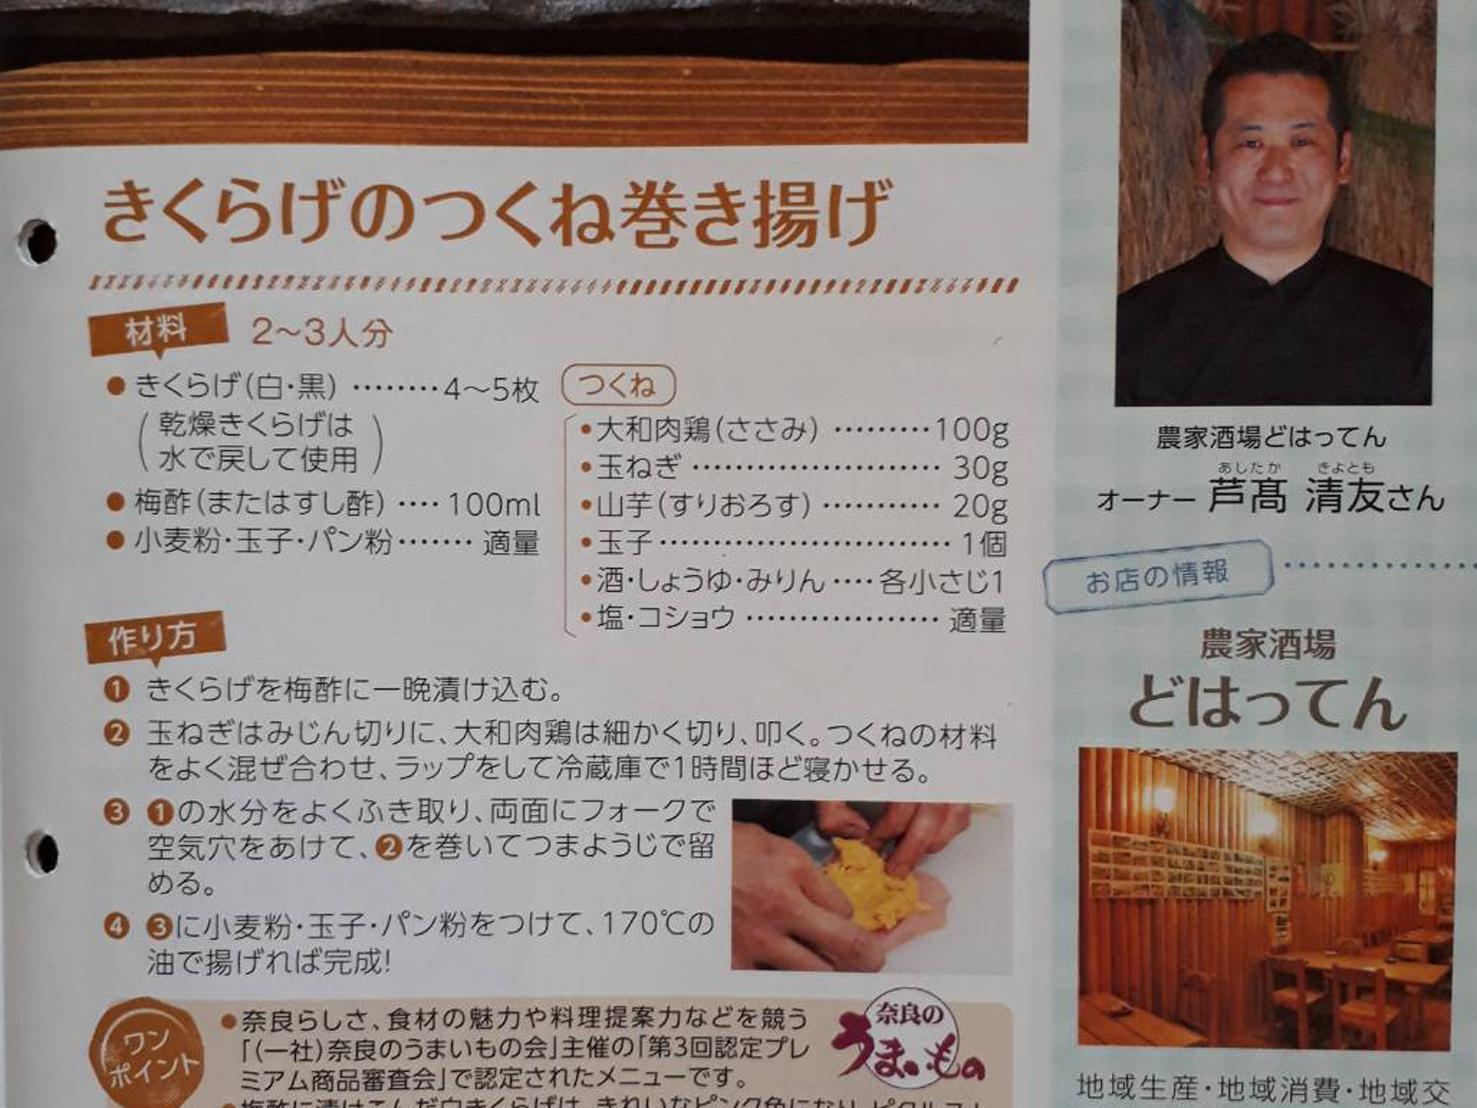 明日香きくらげレシピ提供@奈良県民だより6月号